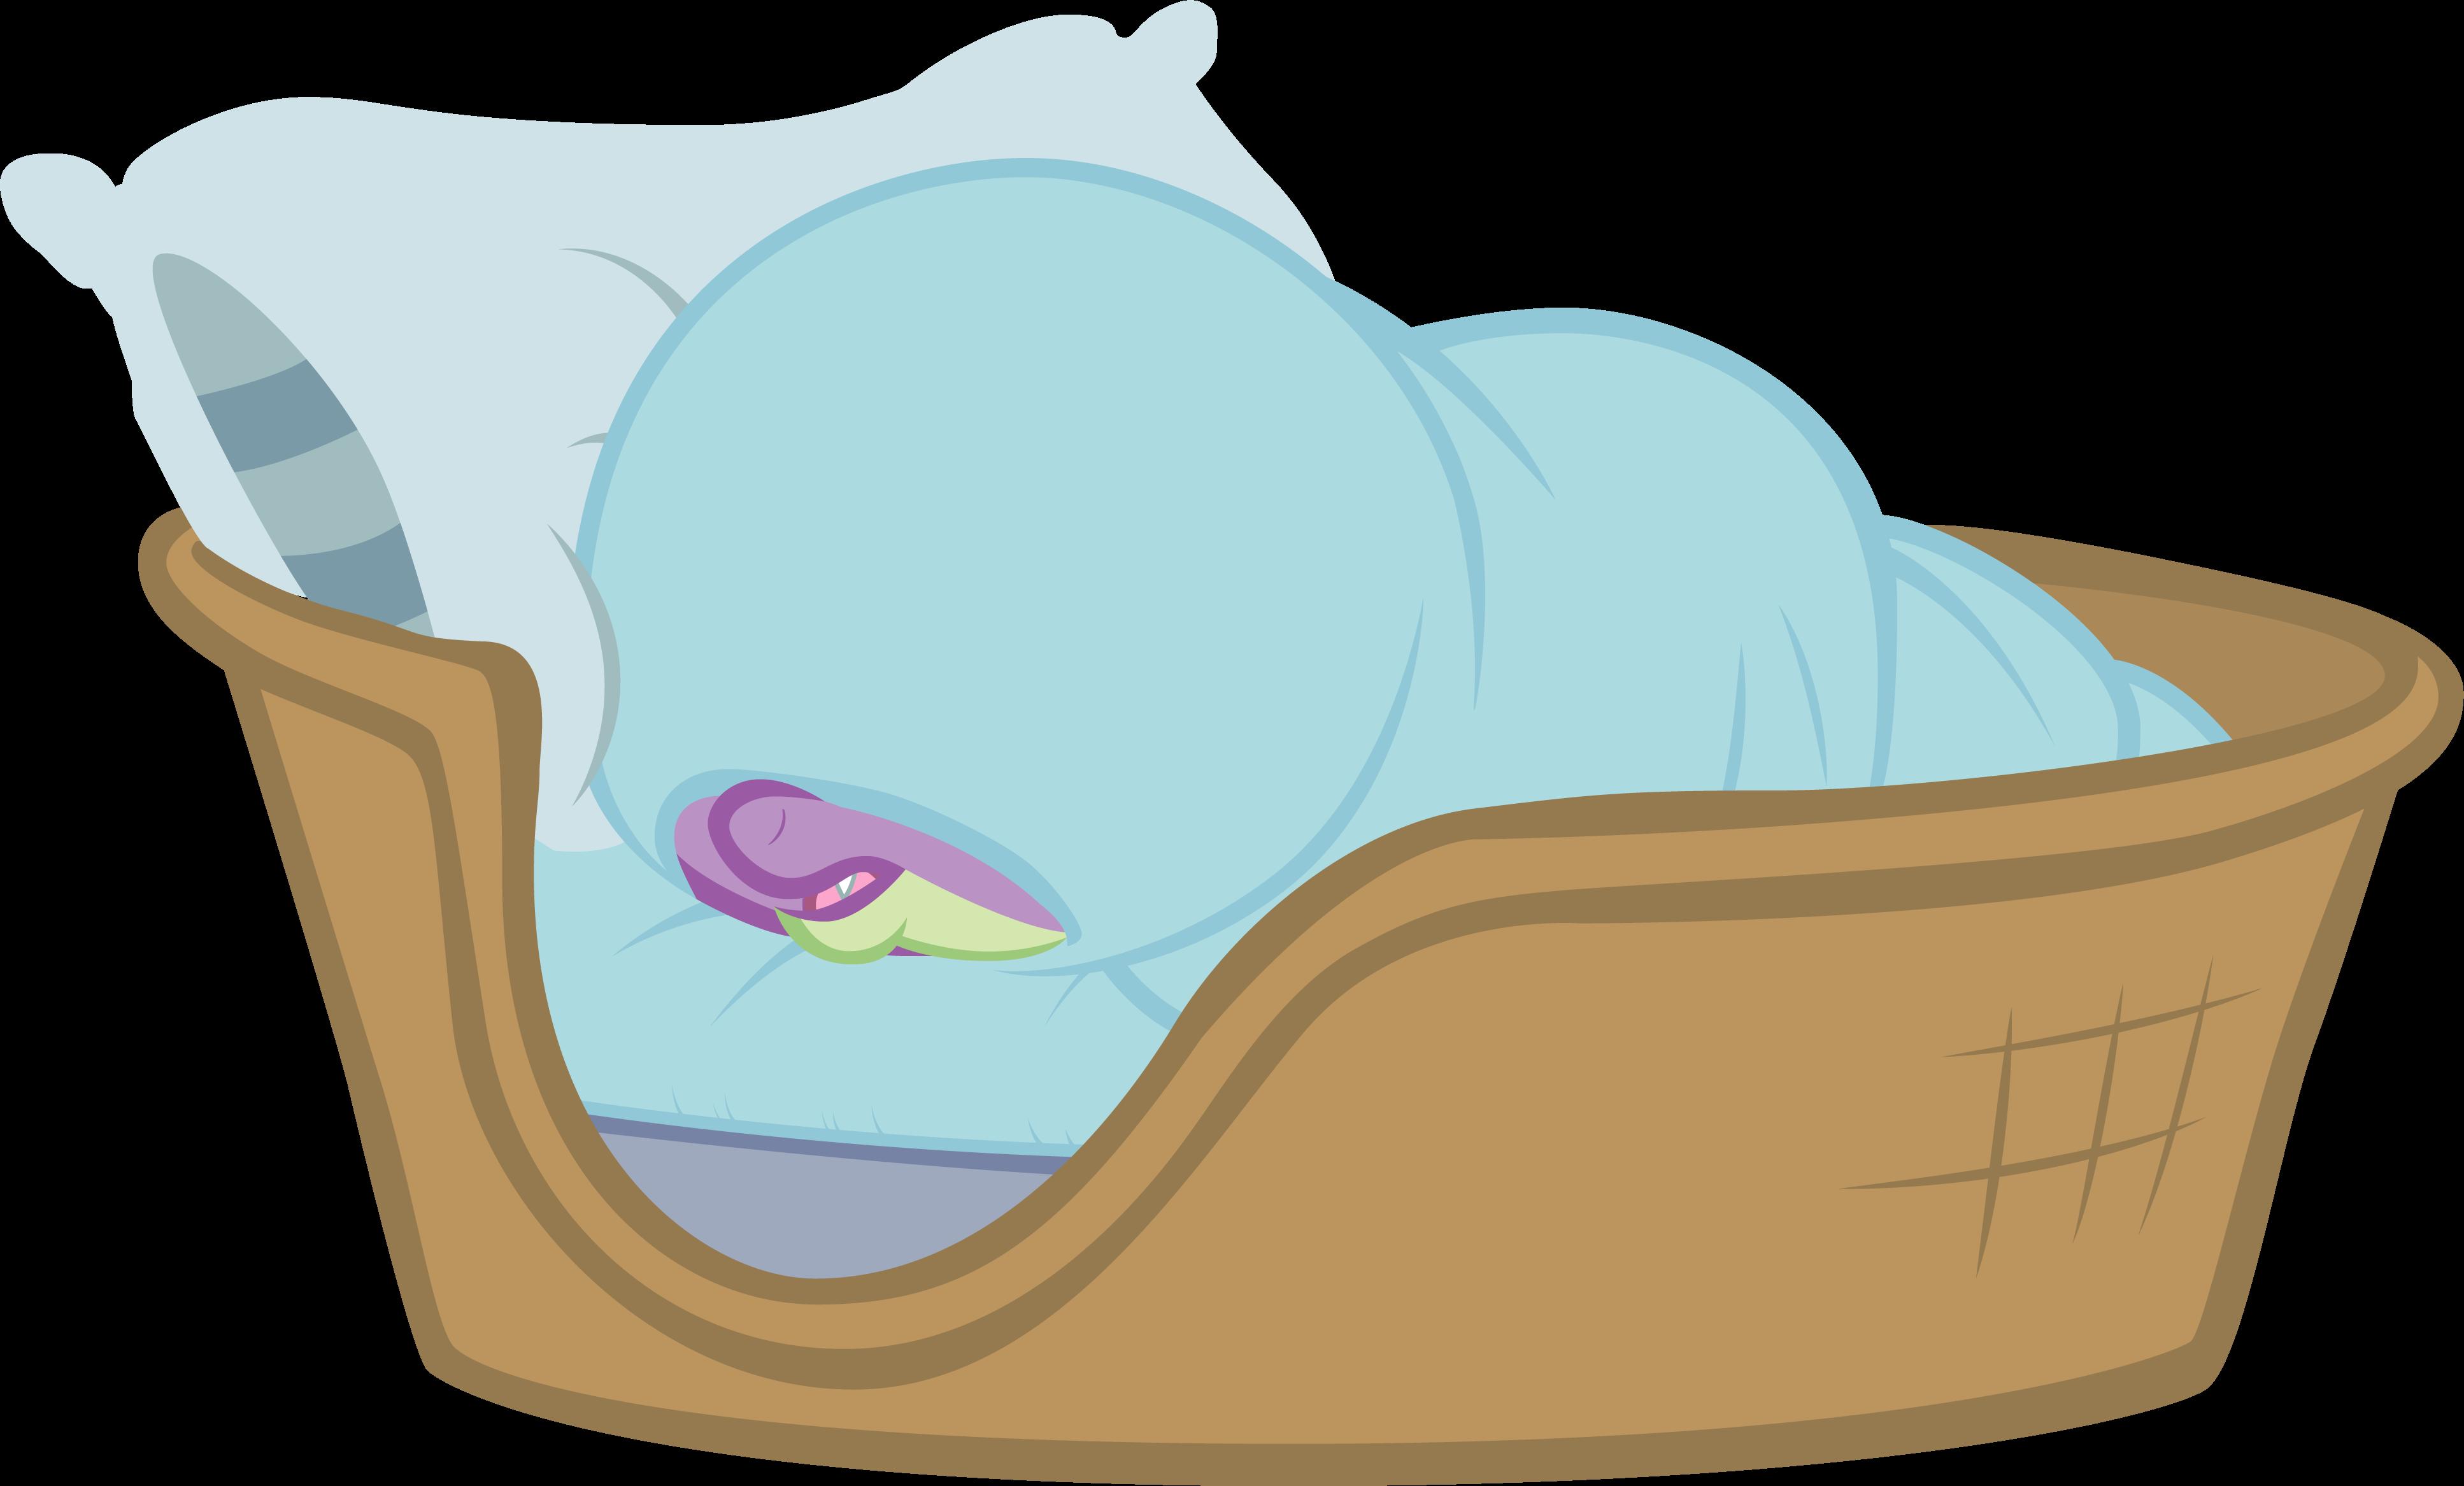 sleeping_spike_by_felix_kot-d4557j9.png